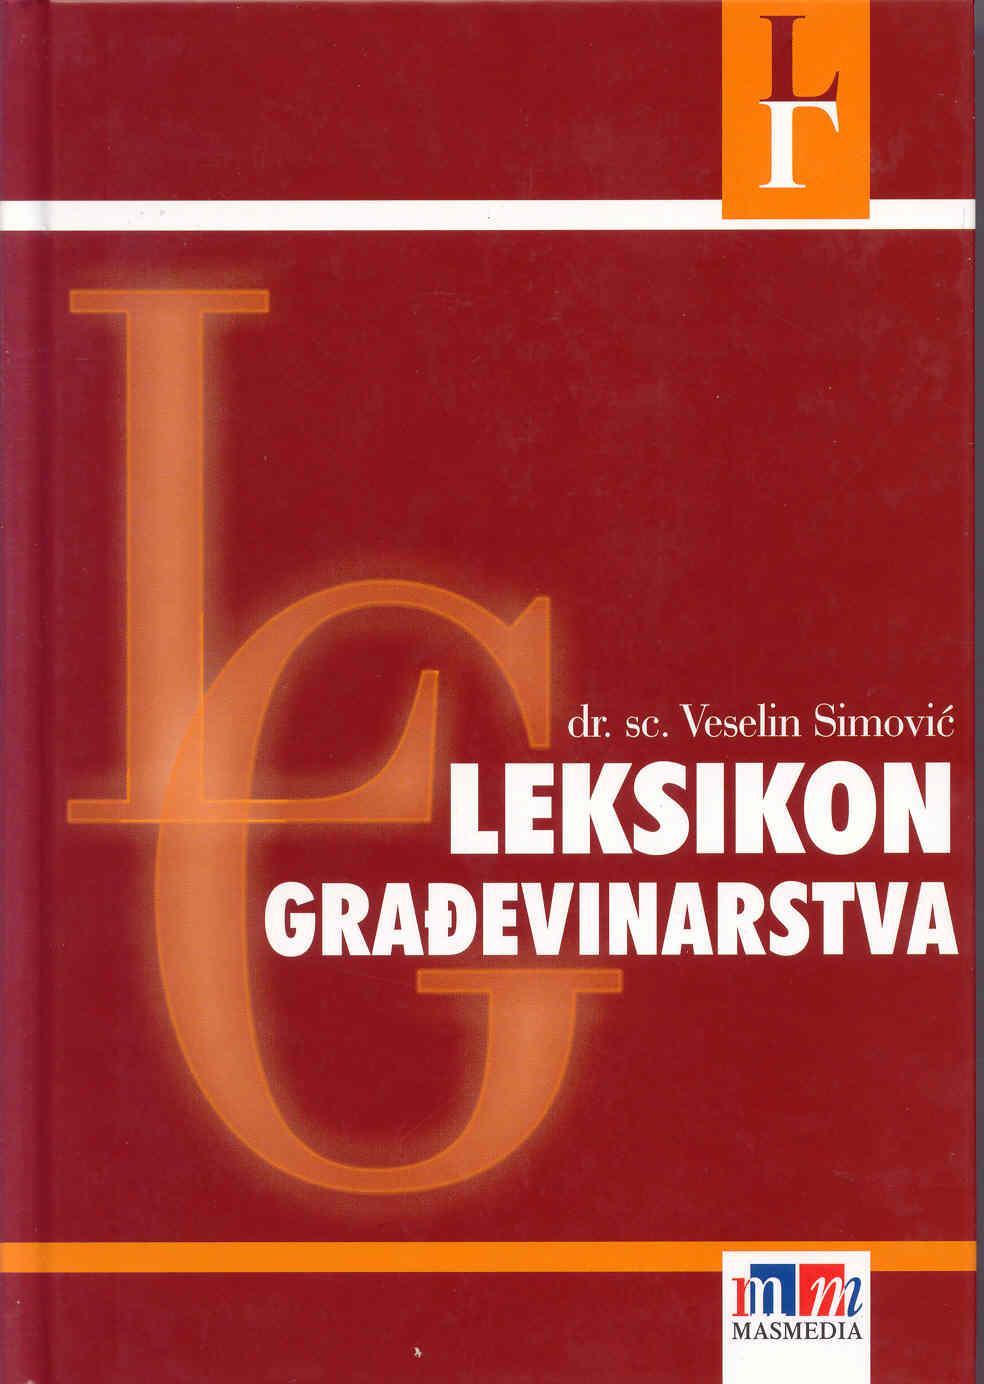 LEKSIKON GRAĐEVINARSTVA - Naruči svoju knjigu